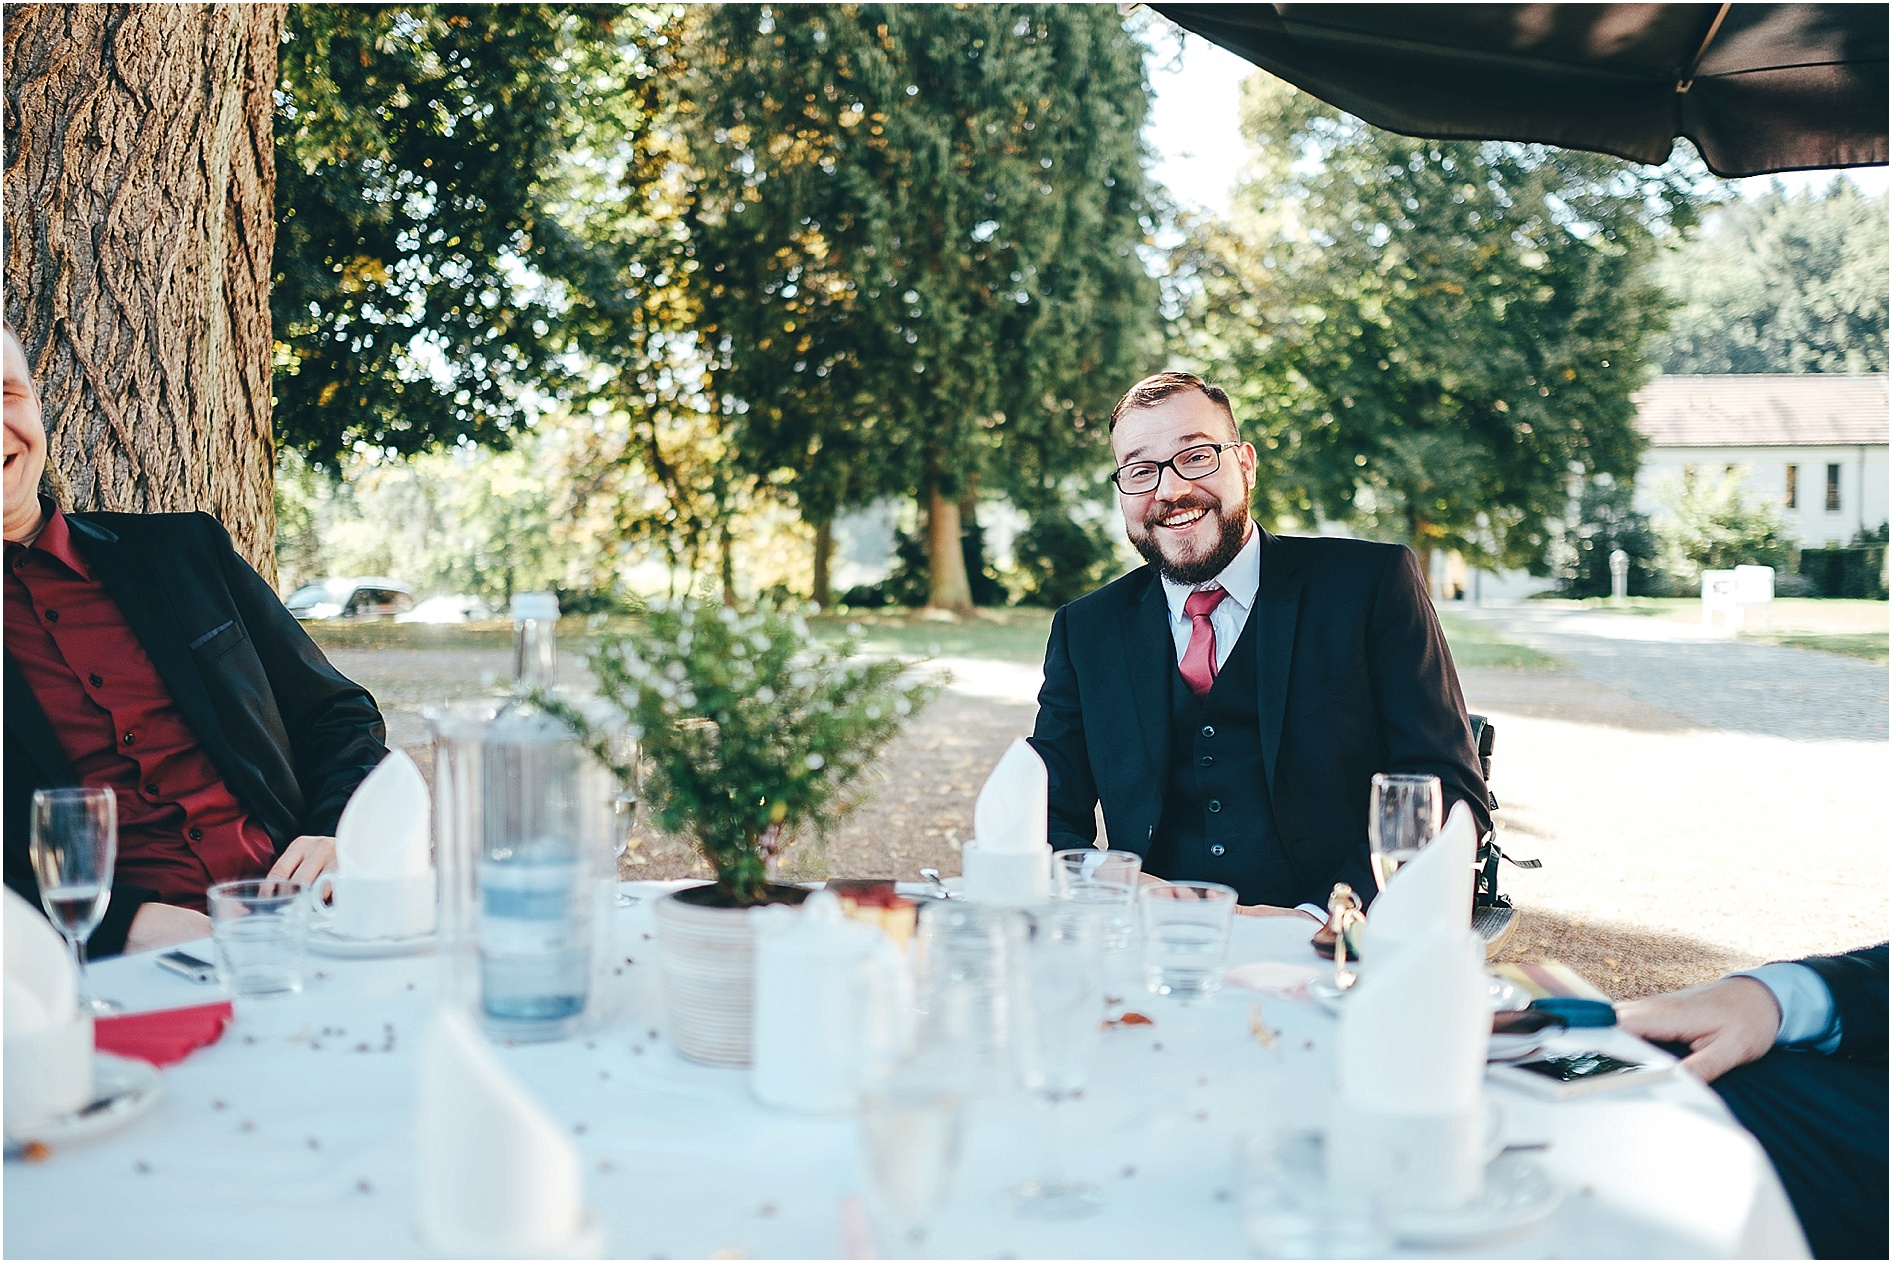 Hochzeitsfotograf Schwerin, Schloss Hasenwinkel, Caro und Marc, 2017-01-17_0064.jpg